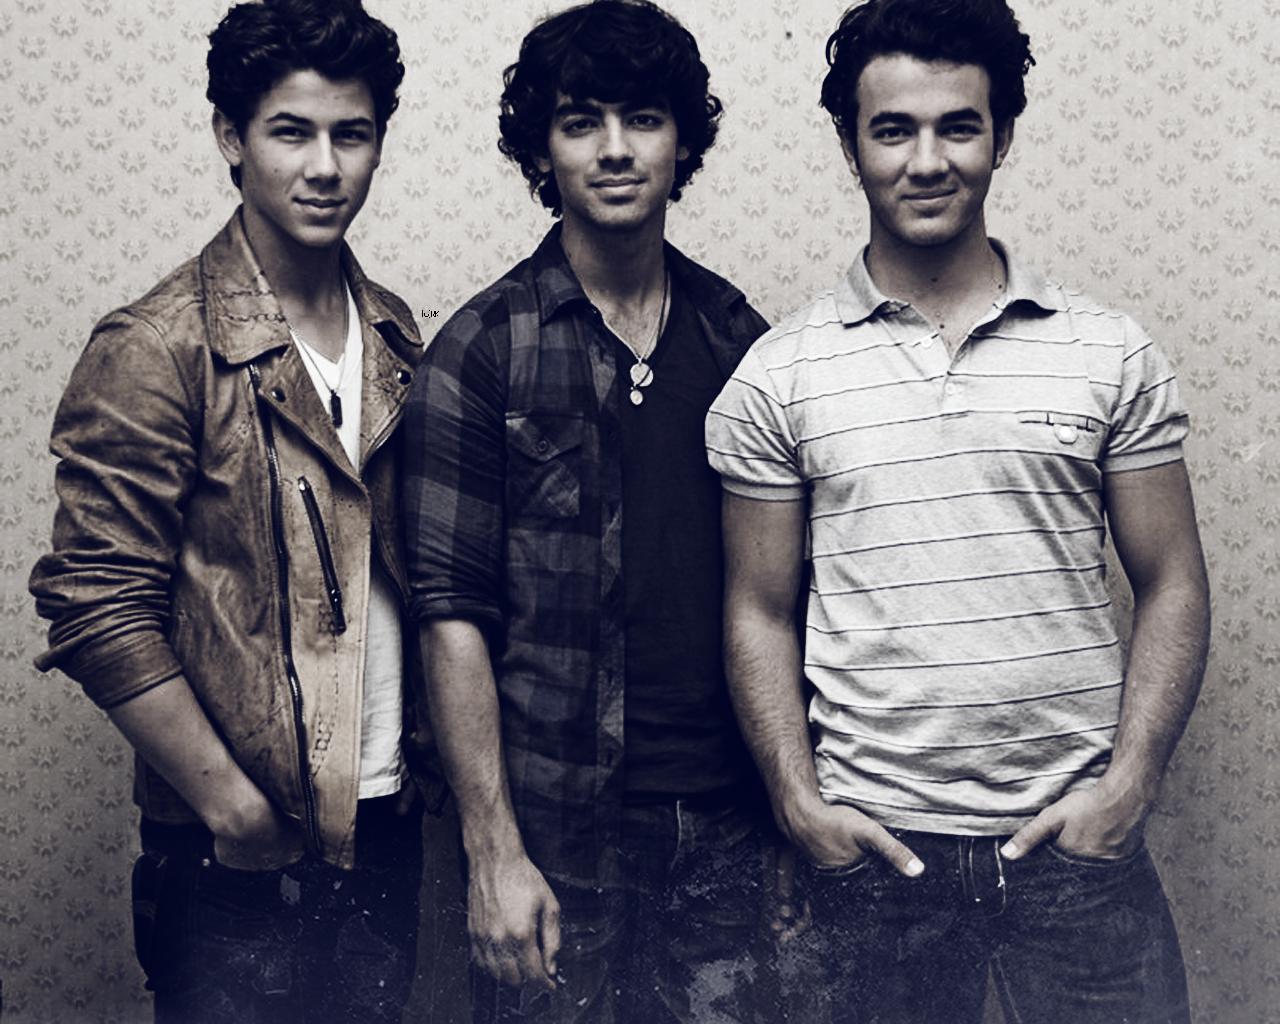 Menspanked jonas brothers - Jonas brothers blogspot ...